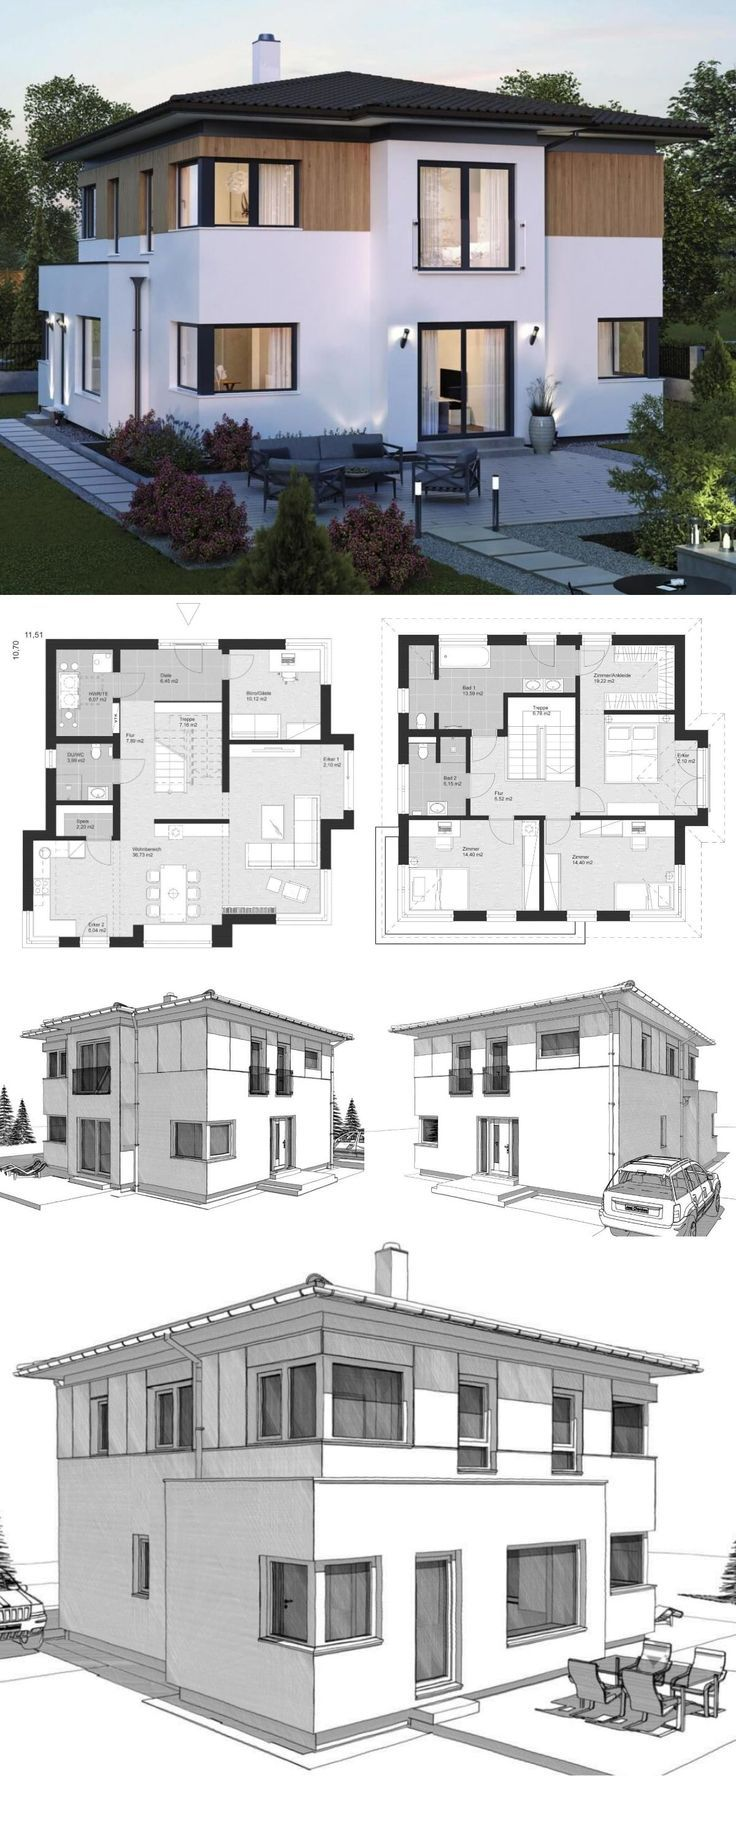 Moderne Landhaus Stadtvilla Grundriss mit Walmdach Architektur, Erker Anbau & Holz Fassade - Einfamilienhaus bauen Ideen Fertighaus ELK Haus 161 - HausbauDirekt.de - Wood Designs #holzbauen